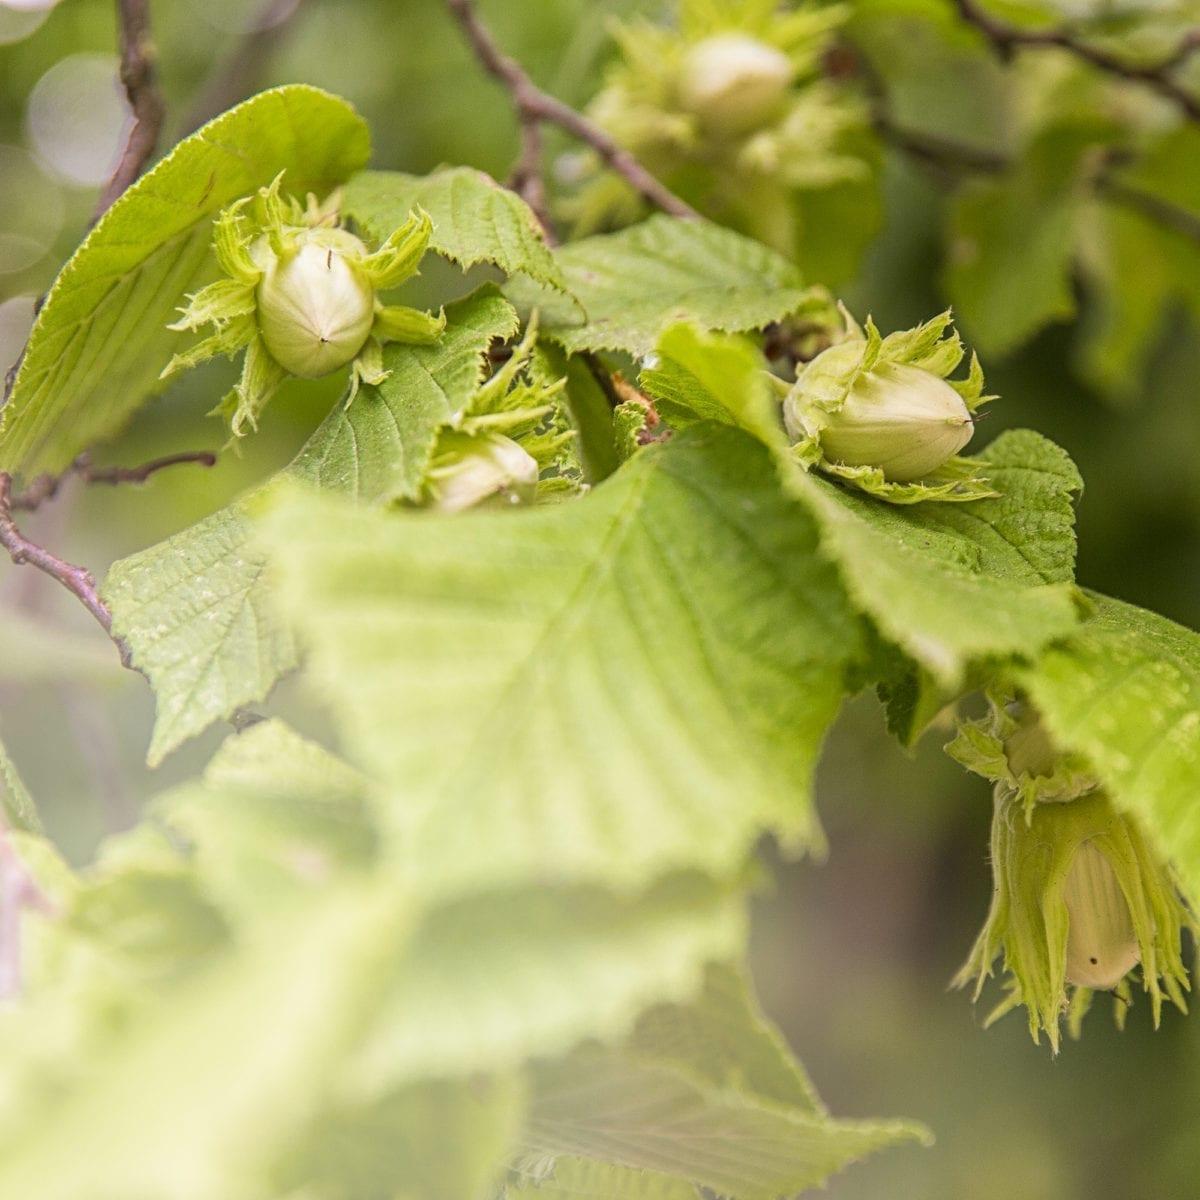 boskoopsefruitbomen | Hazelnoot